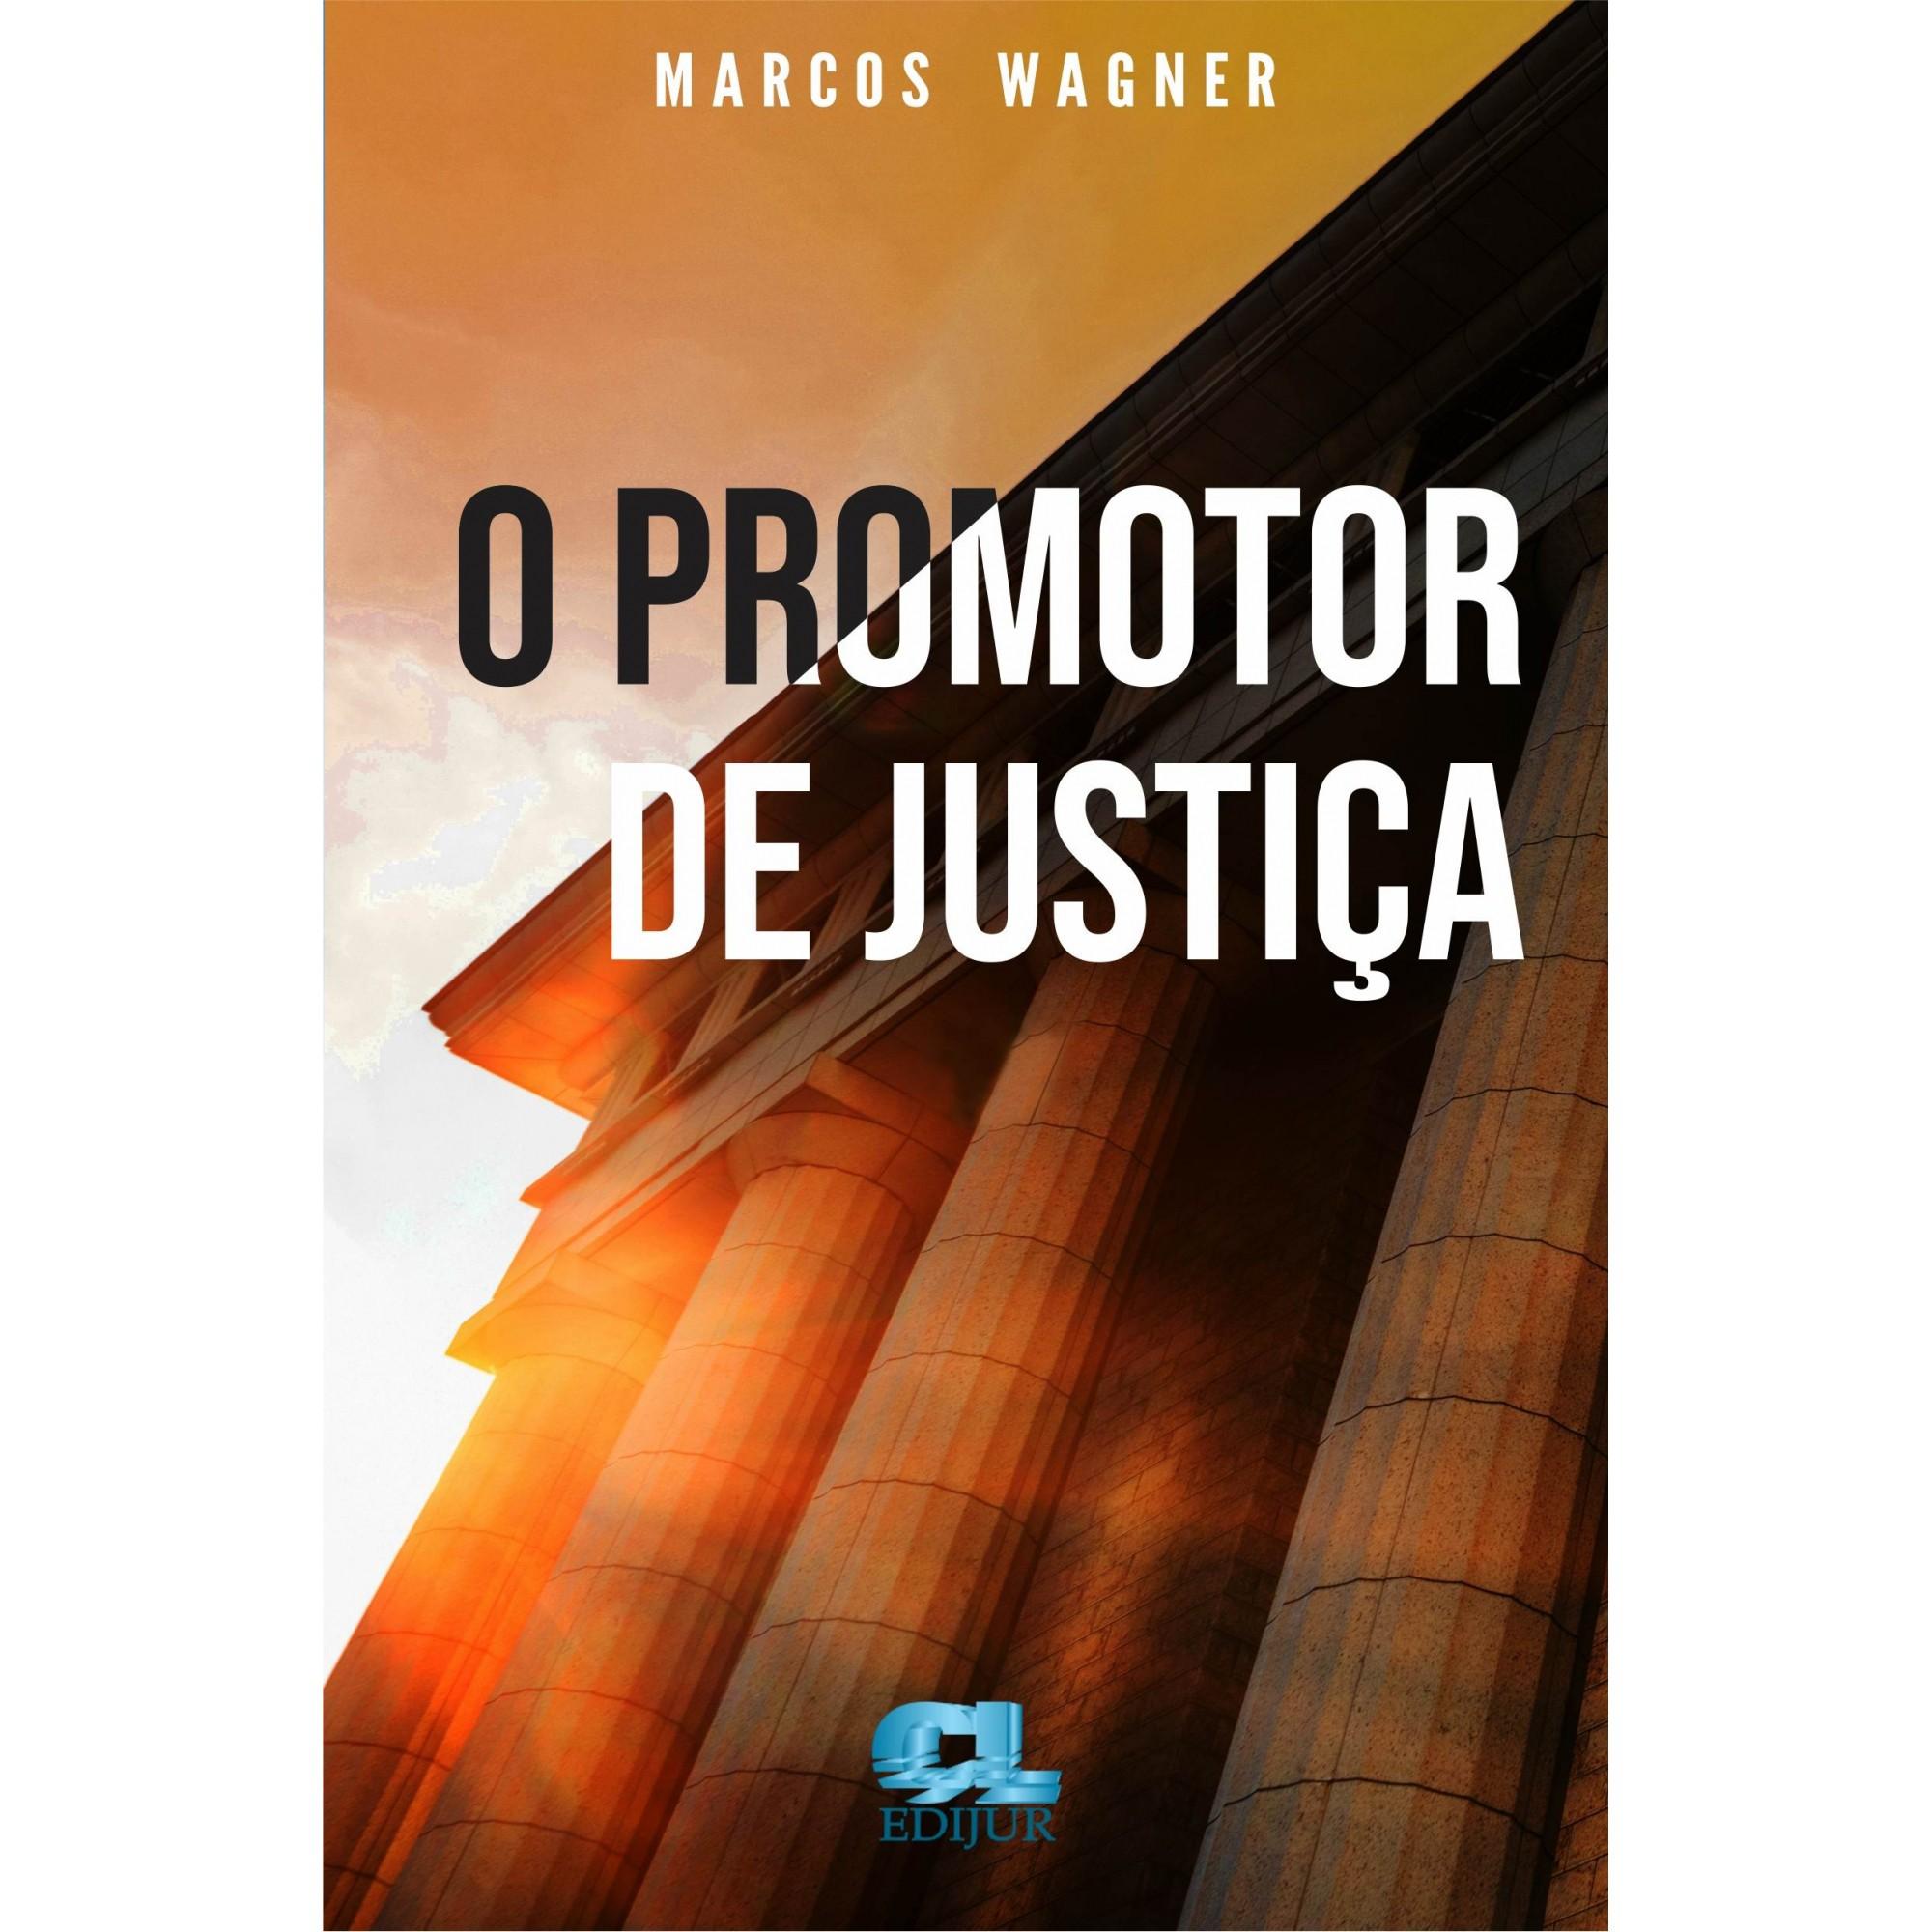 O Promotor de Justiça  - Edijur Editora